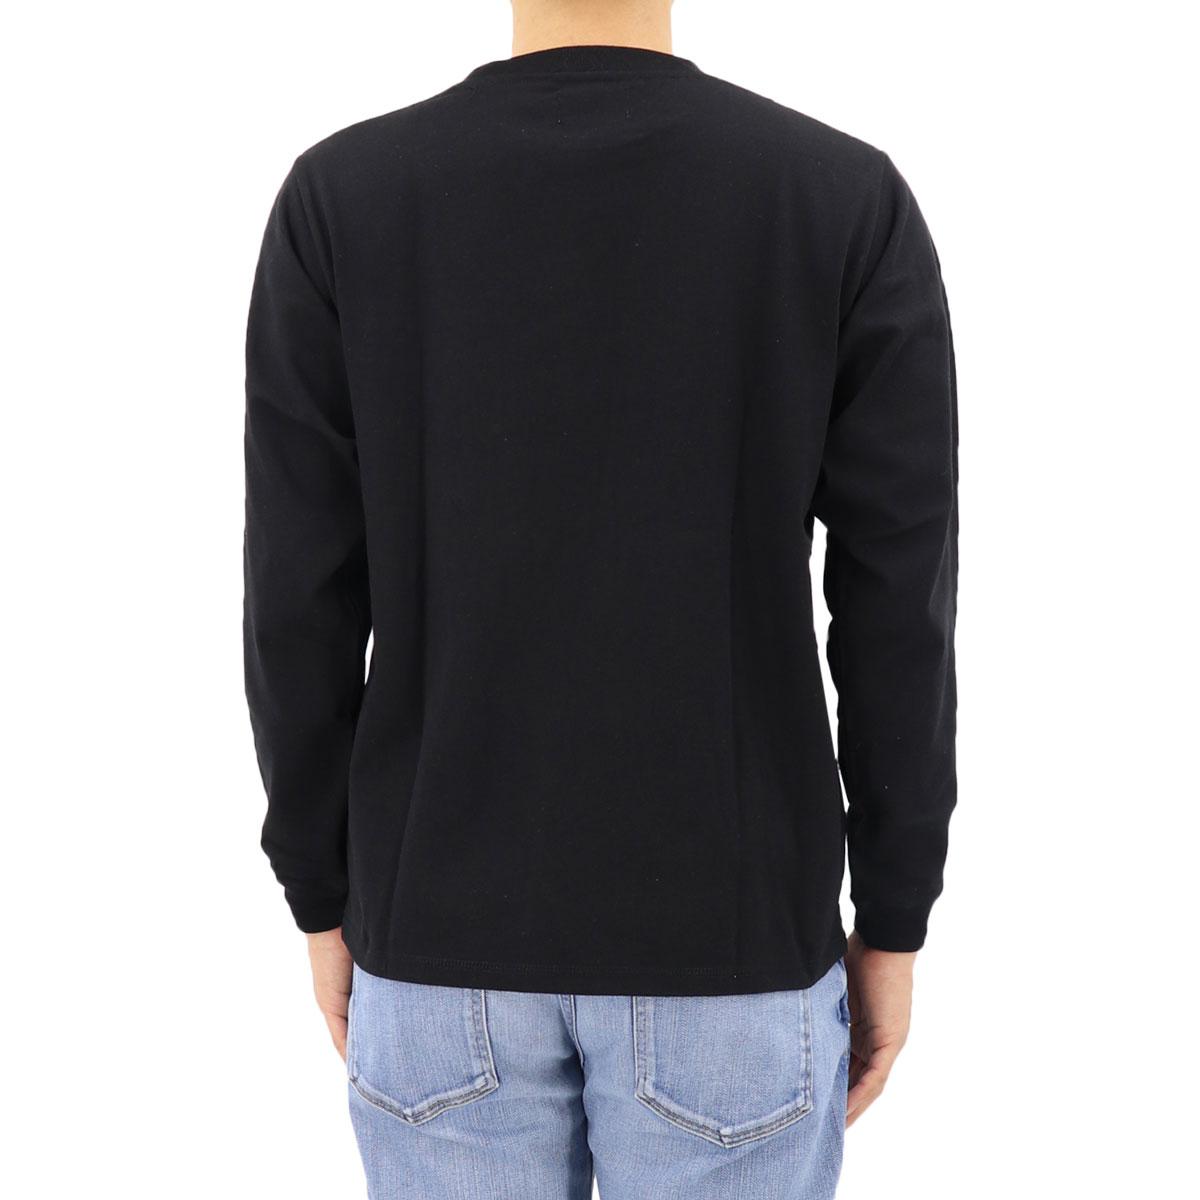 USAコットン クルーネック 長袖 Tシャツ BLACK(ブラック)